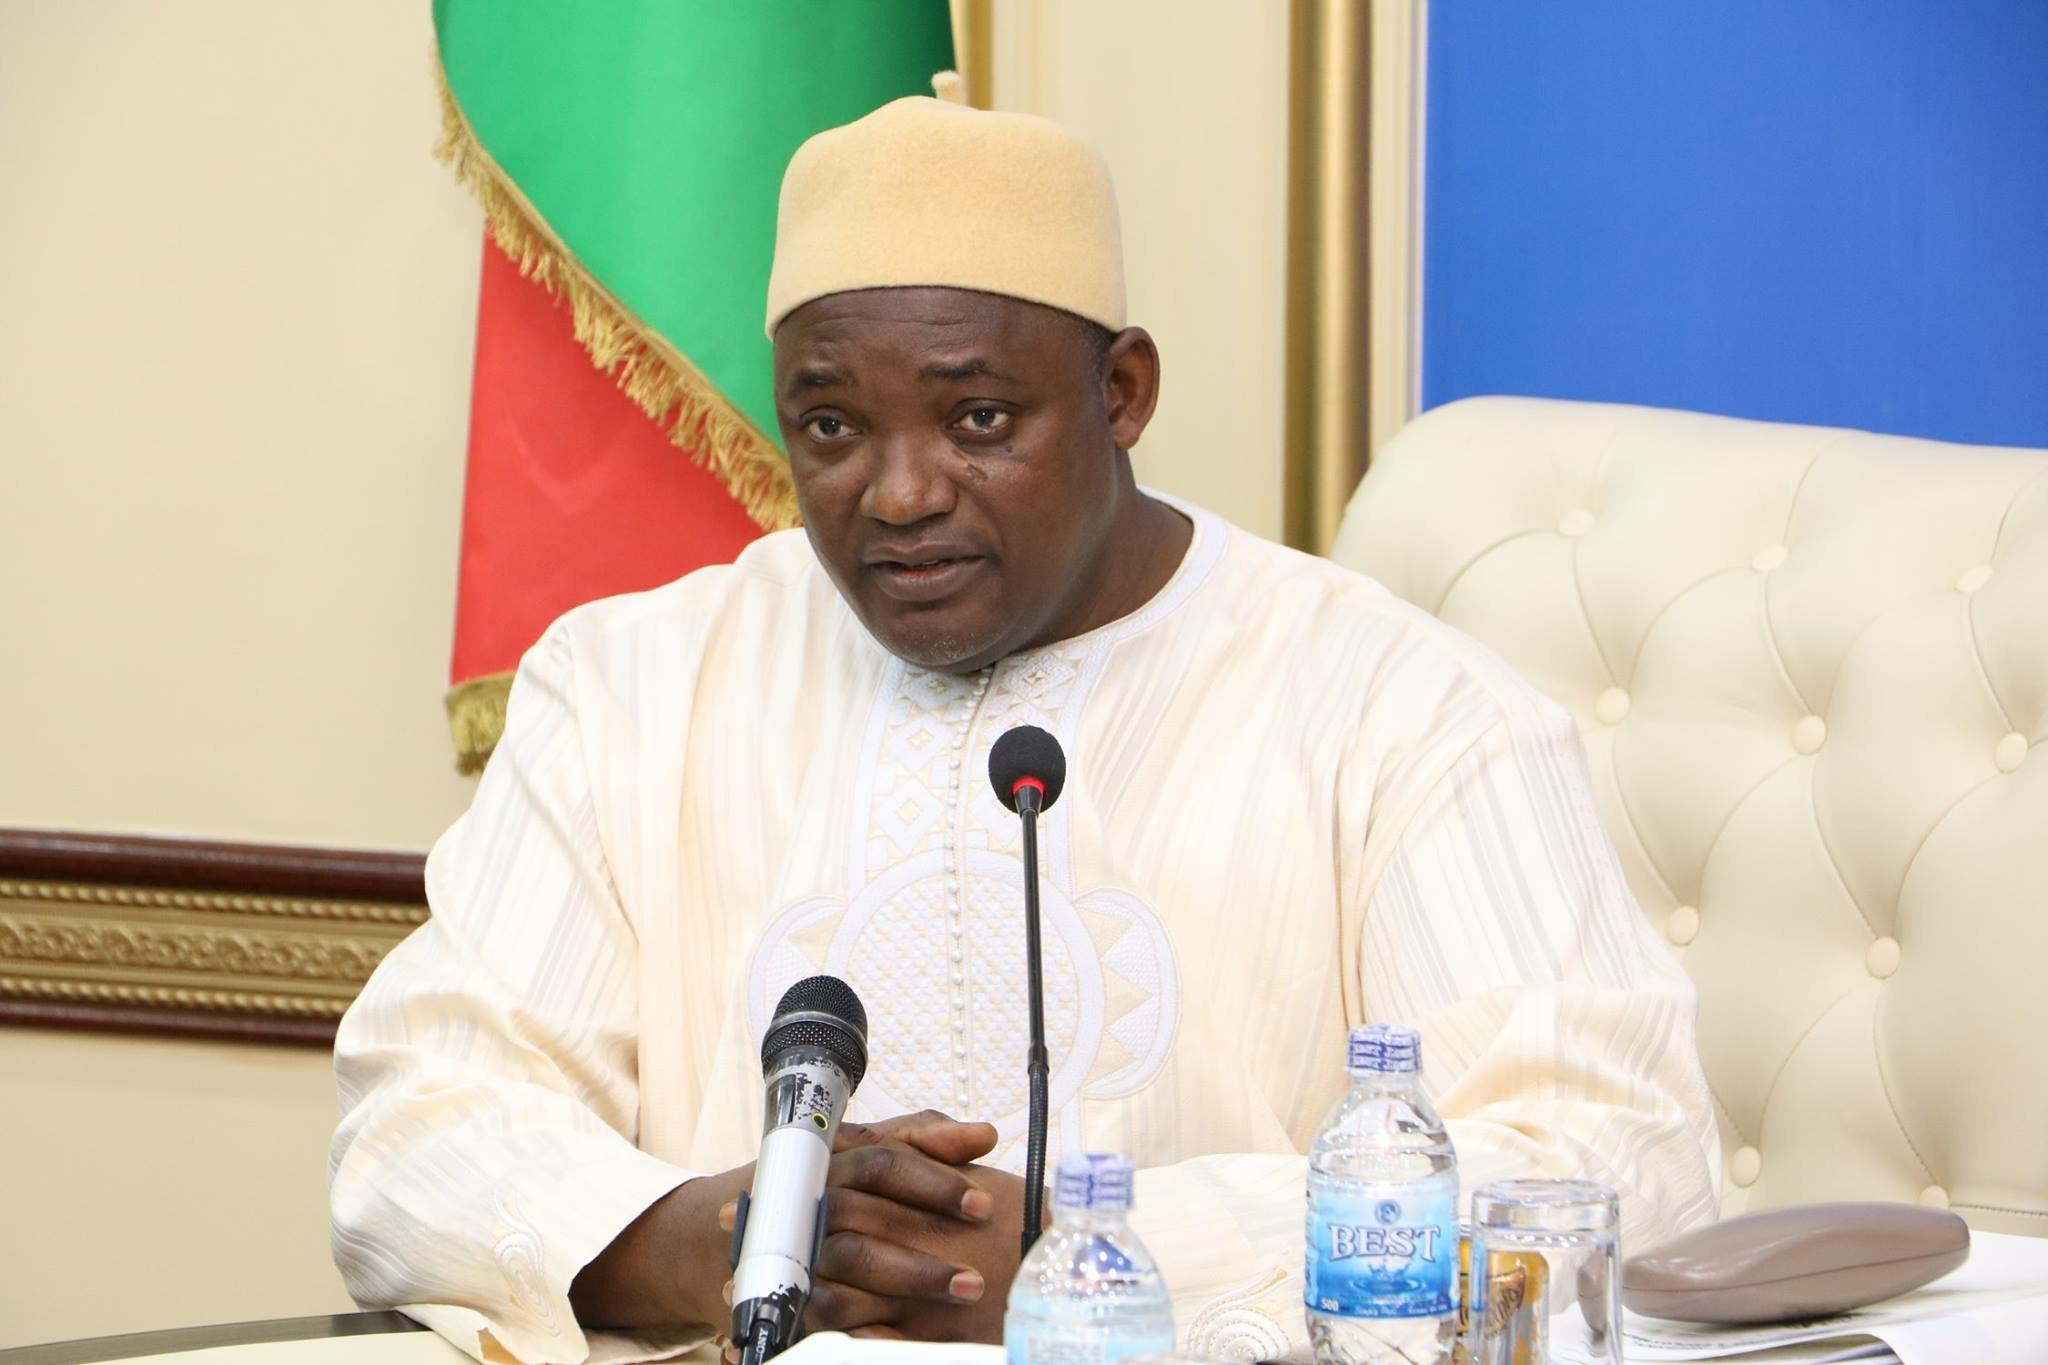 Inauguration du pont Gambie-Sénégal en janvier 2019 : Adama Barrow supervise les travaux